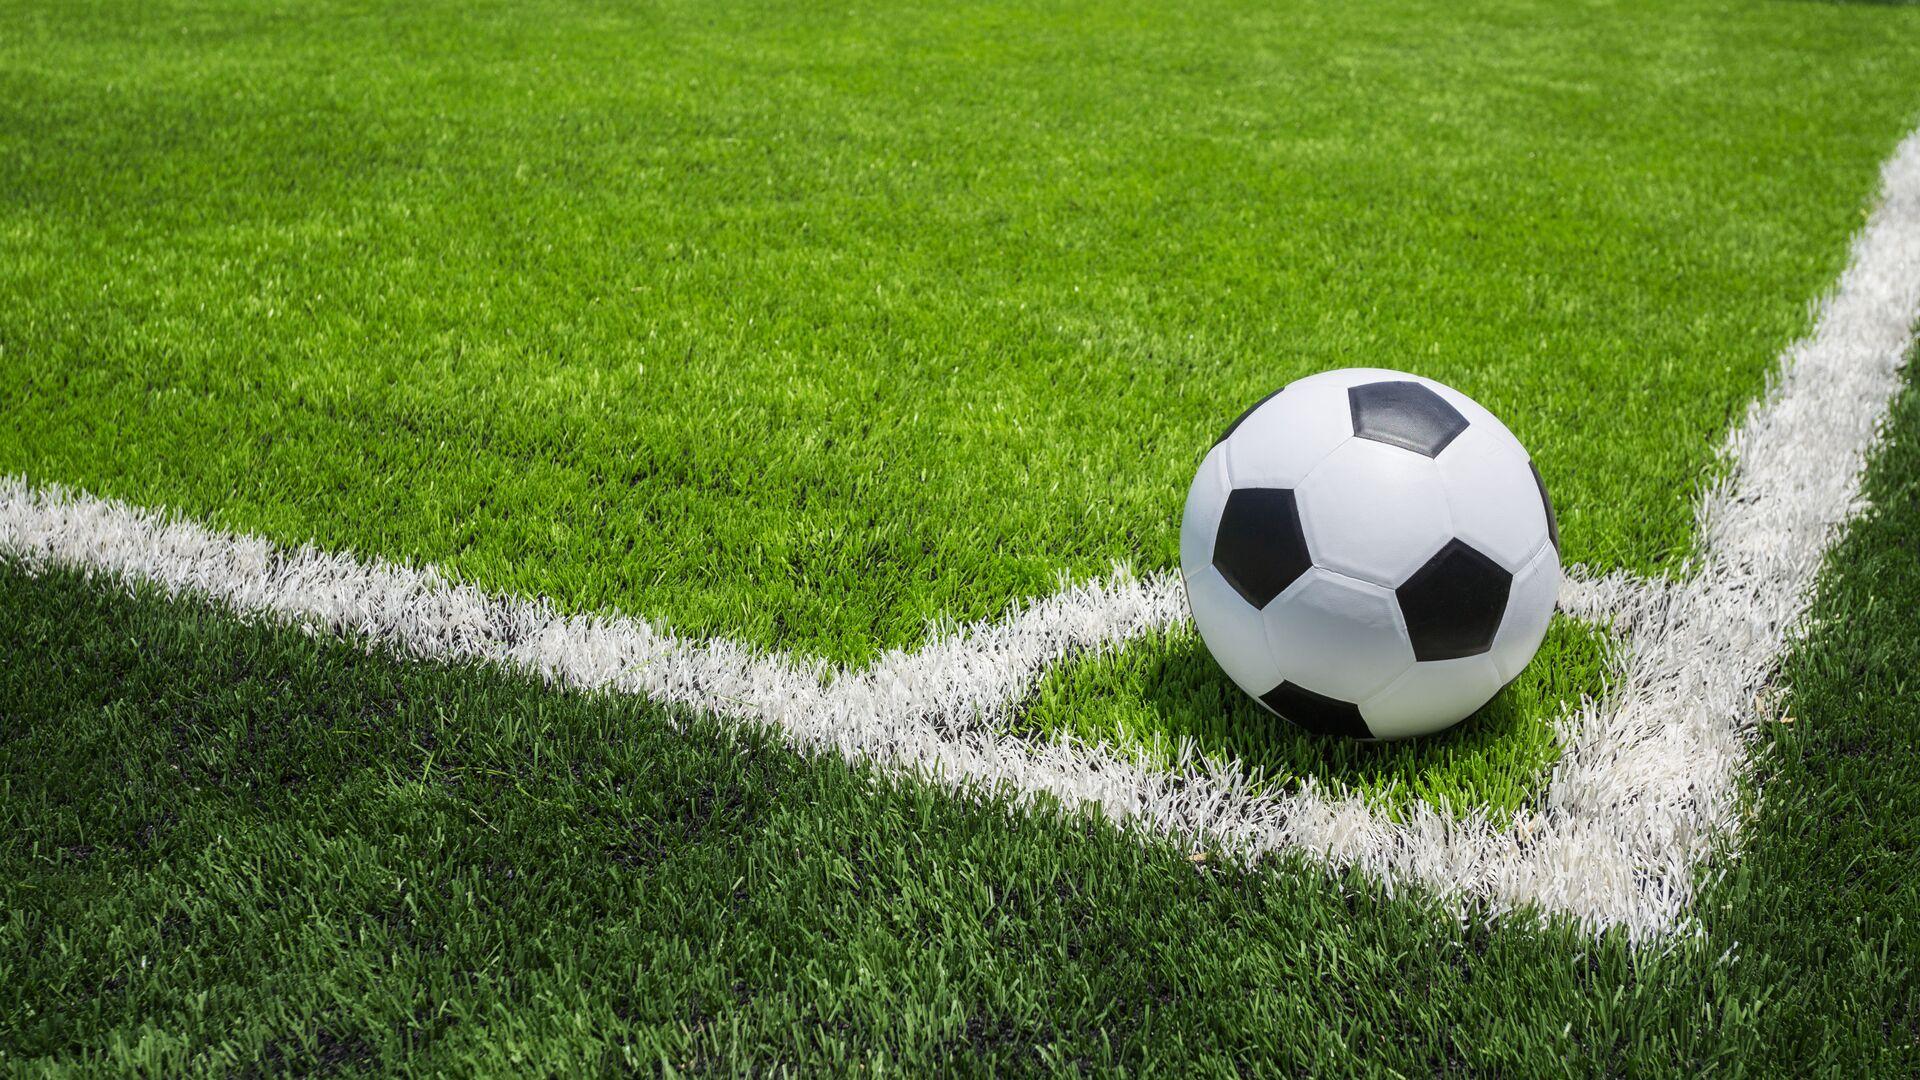 Fotbal - Sputnik Česká republika, 1920, 23.03.2021